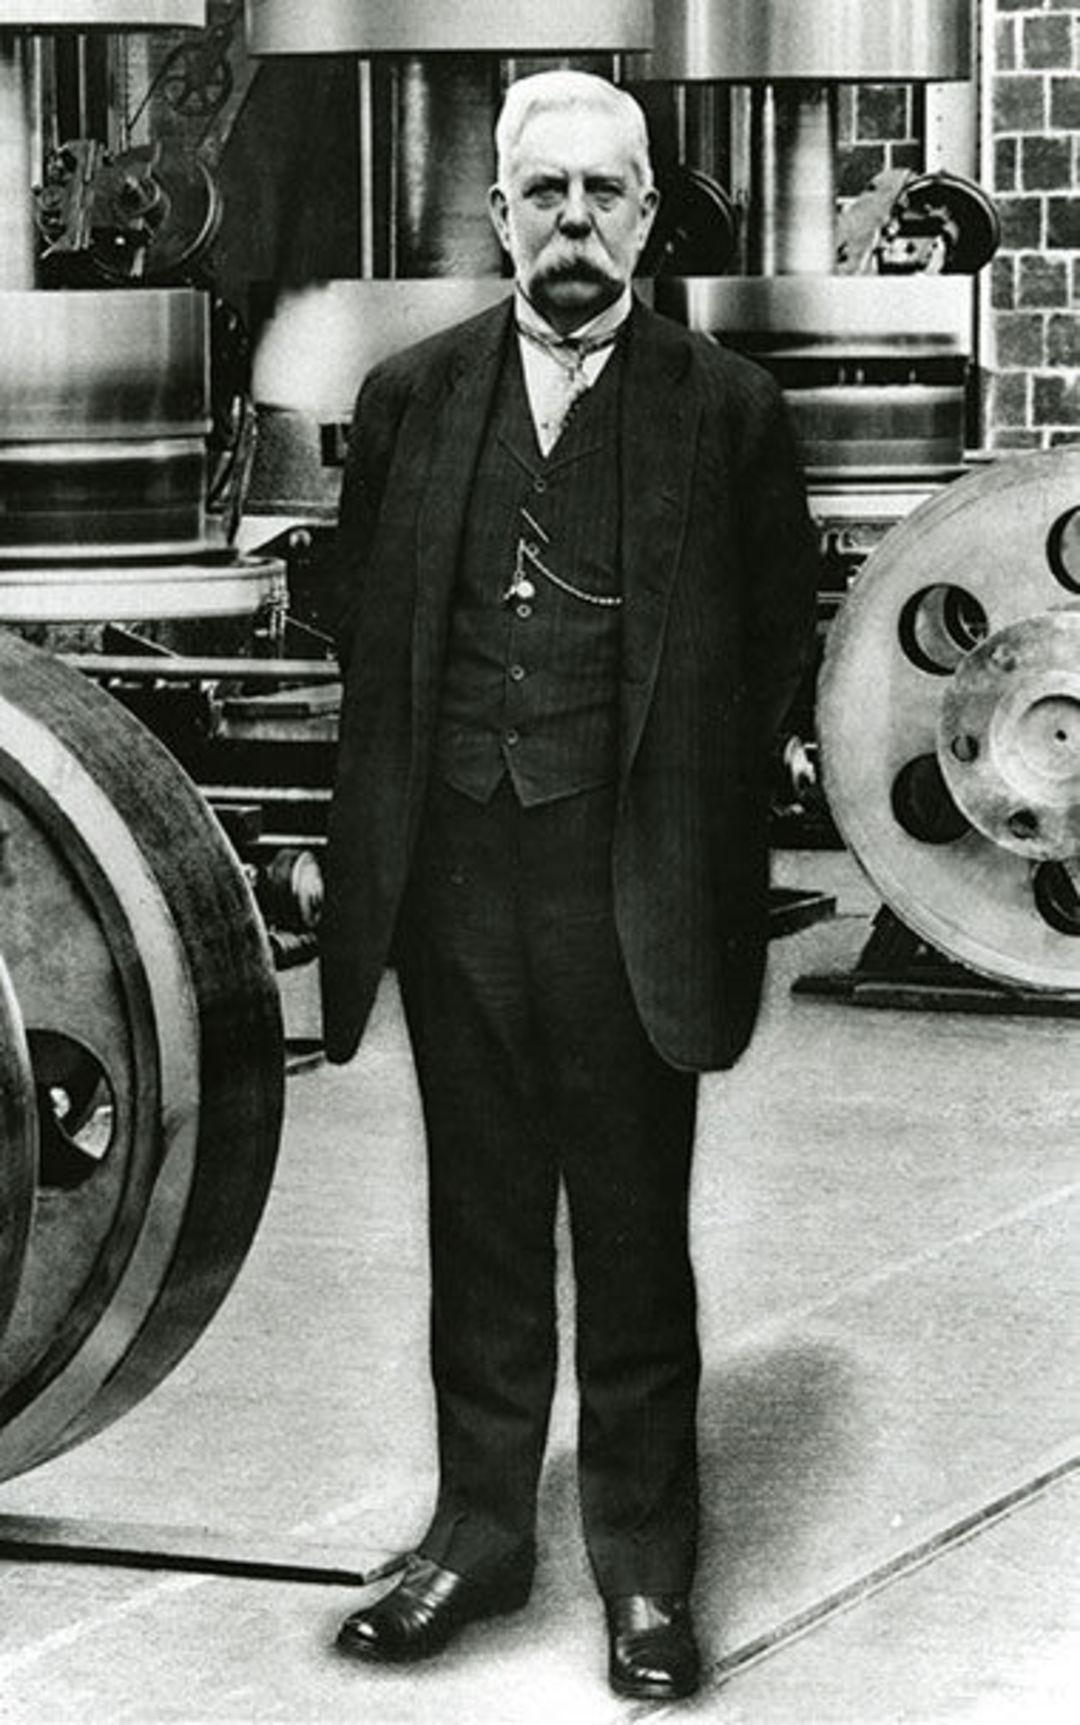 """100 年前爱迪生、特斯拉那些人的""""电流大战""""要拍成电影了,是个很刺激的故事_商业_好奇心日报"""